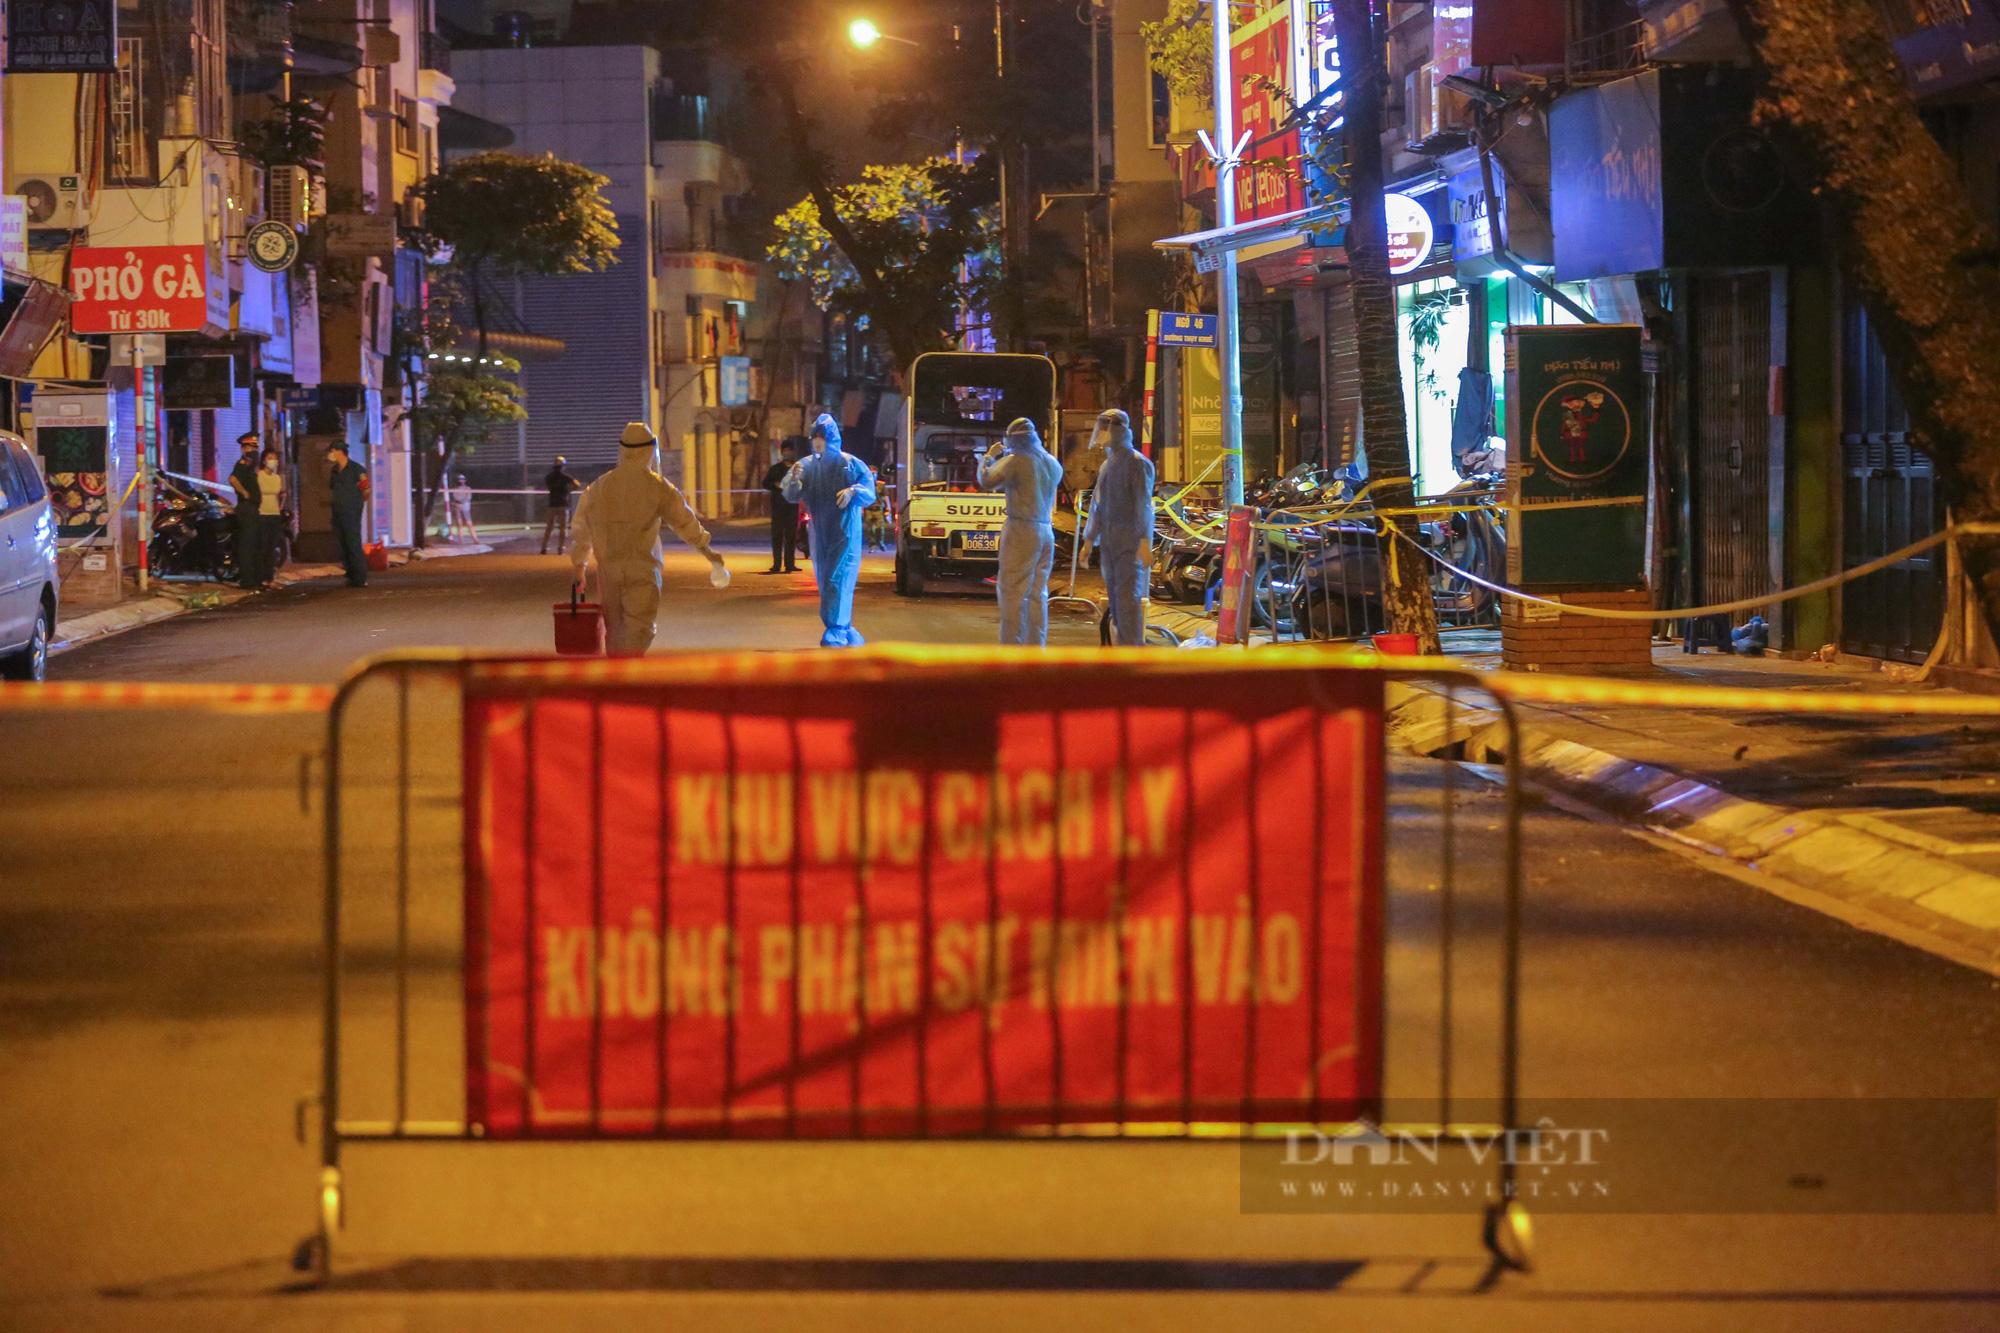 Xuyên đêm xét nghiệm cho hàng chục hộ dân trên phố Thuỵ Khuê - Ảnh 7.